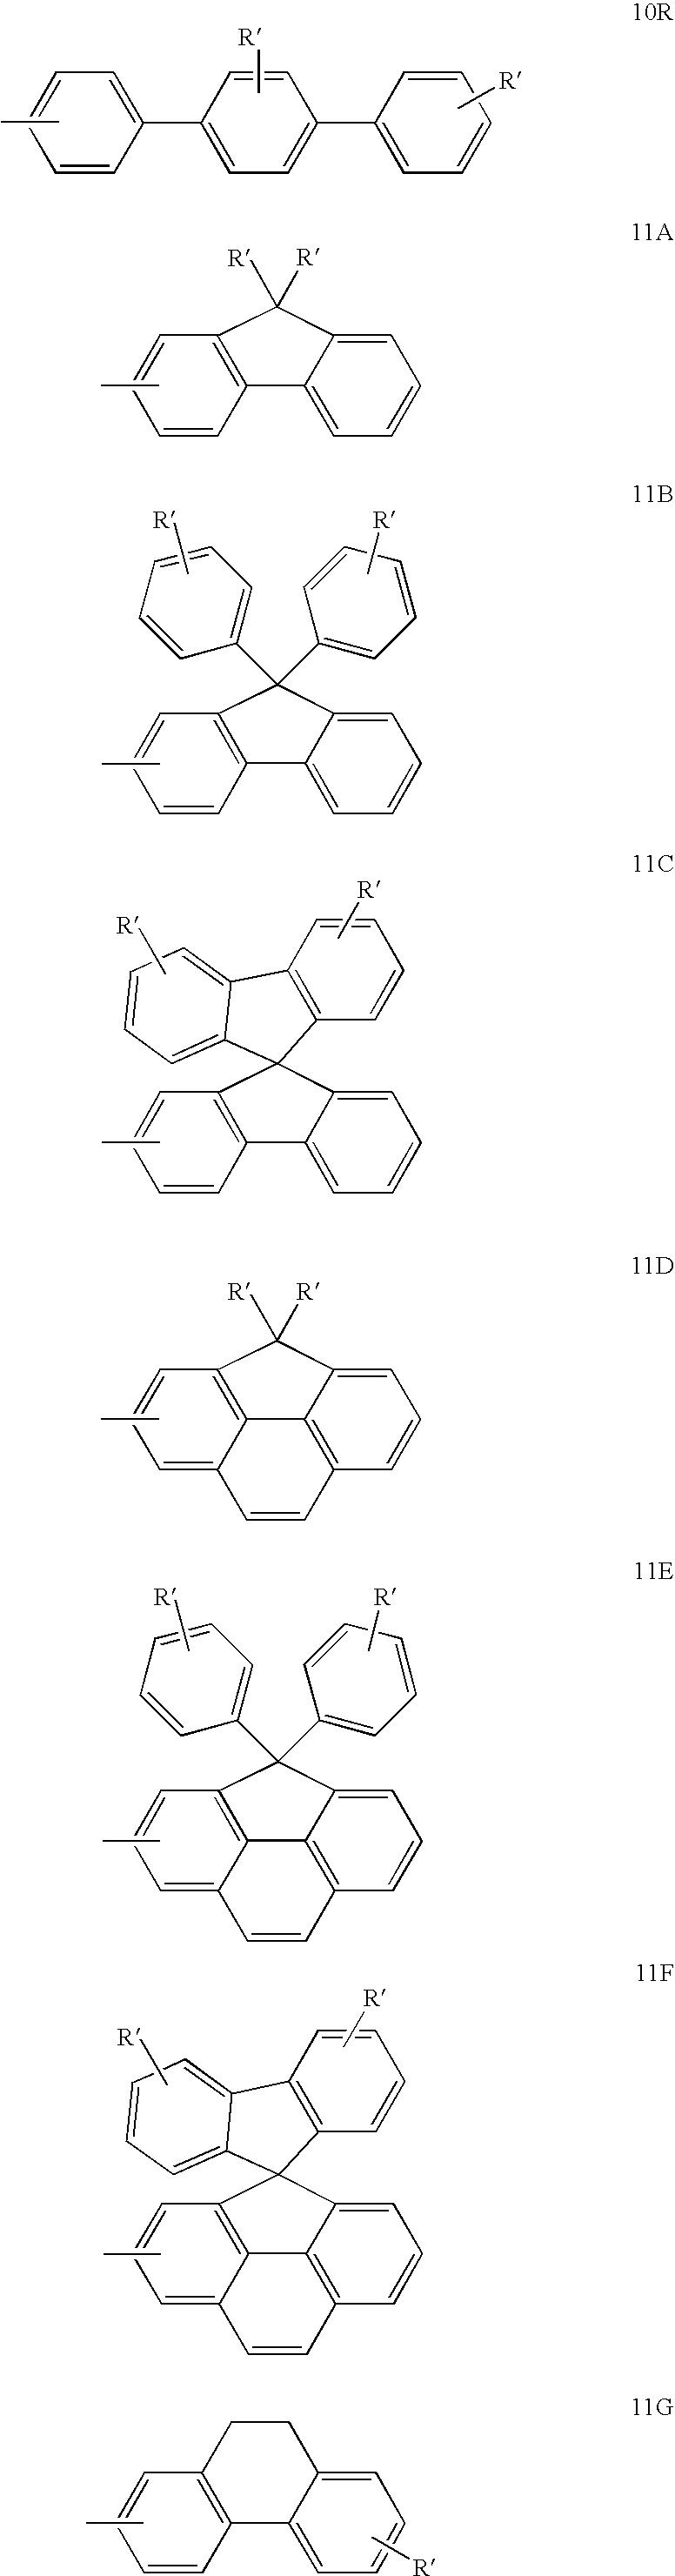 Figure US07875367-20110125-C00050